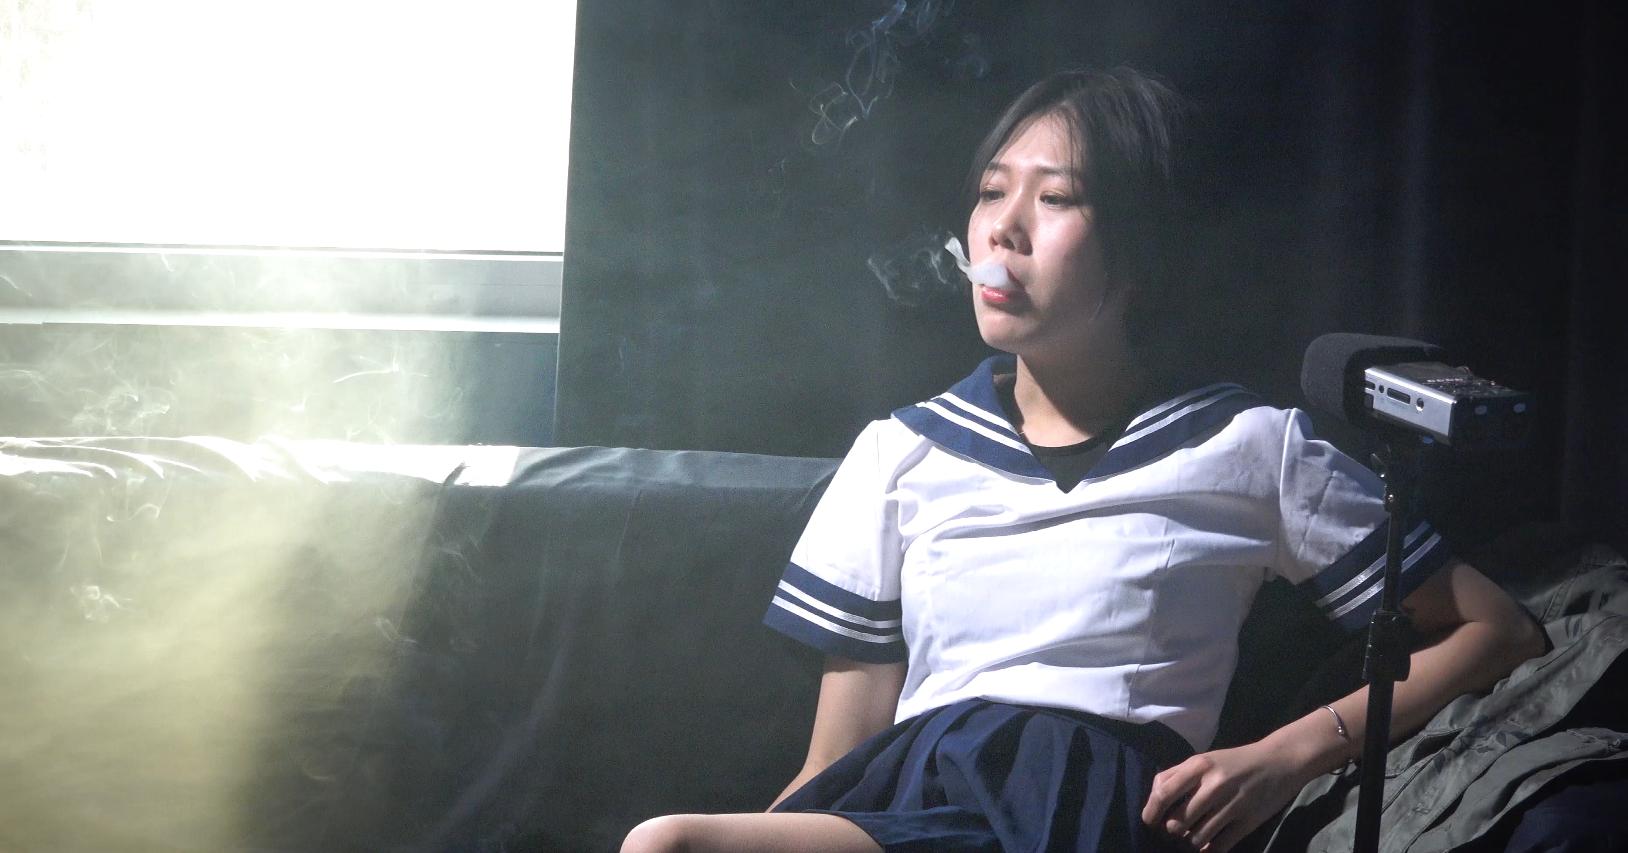 叛逆的校服MM吸烟